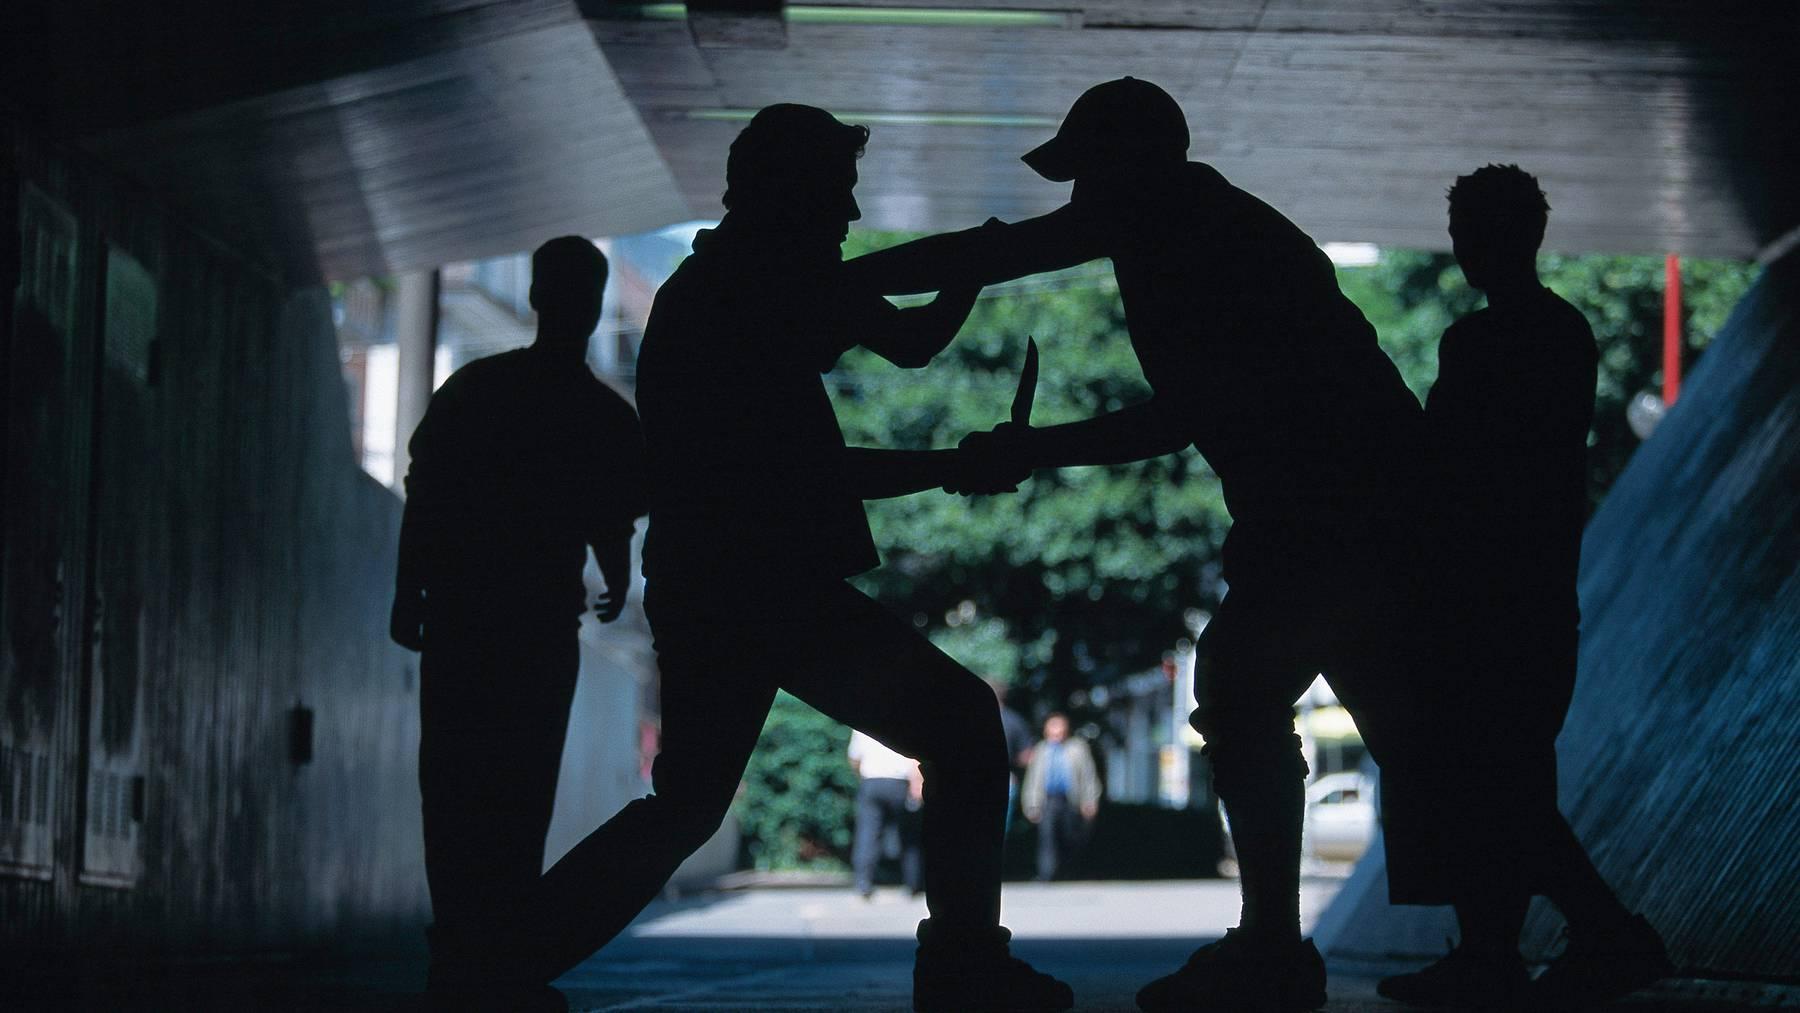 Ein junger Mann habe bei einer tätlichen Auseinandersetzung eine Stichverletzung erlitten, so die Stadtpolizei (Symbolbild).